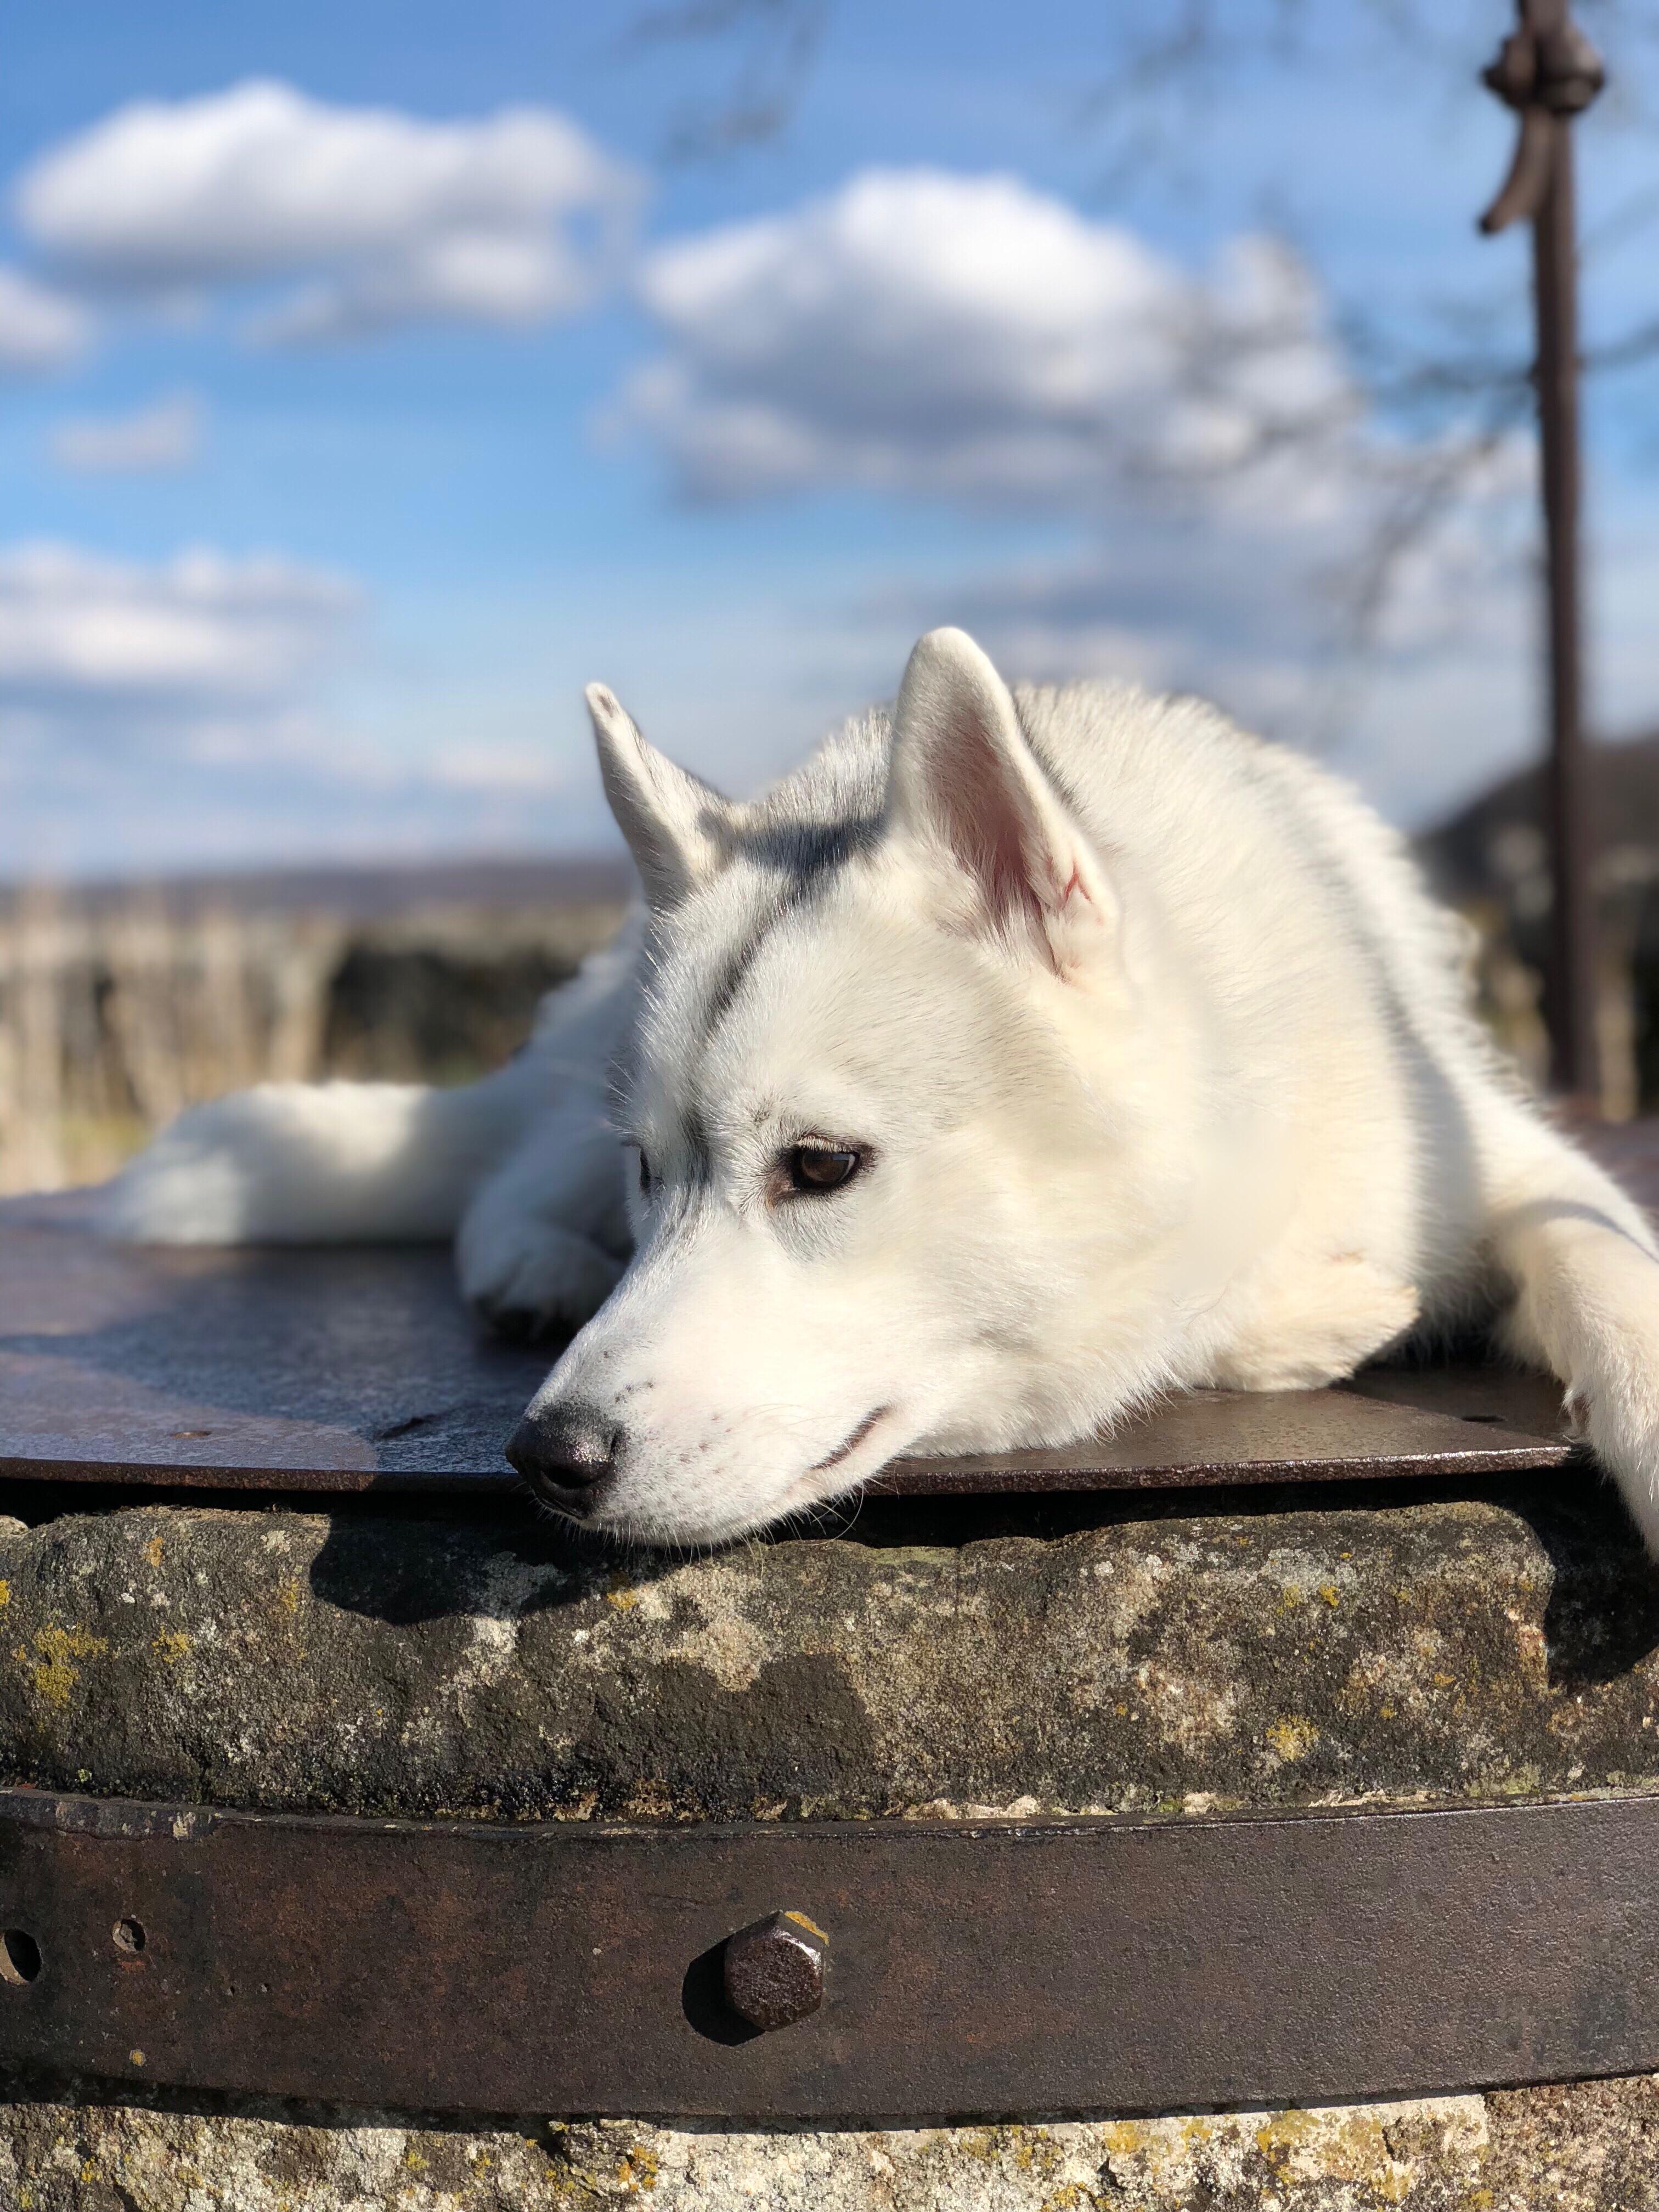 fr hjahrsputz so bleibt die wohnung auch mit hund sauber undercover labrador. Black Bedroom Furniture Sets. Home Design Ideas